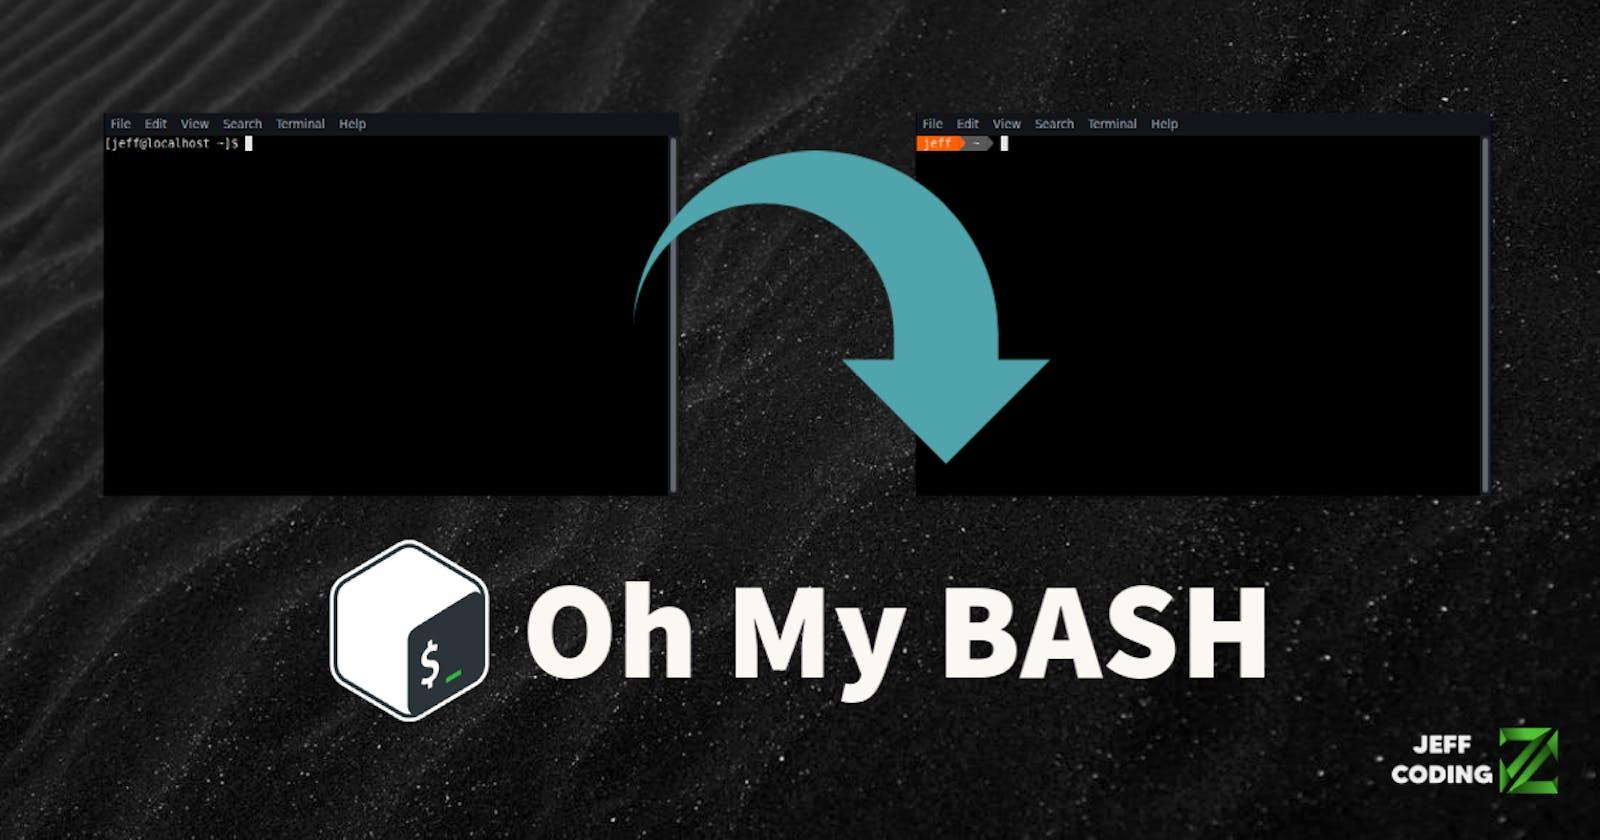 Cambia la apariencia de la terminal con OhMyBash (Linux)